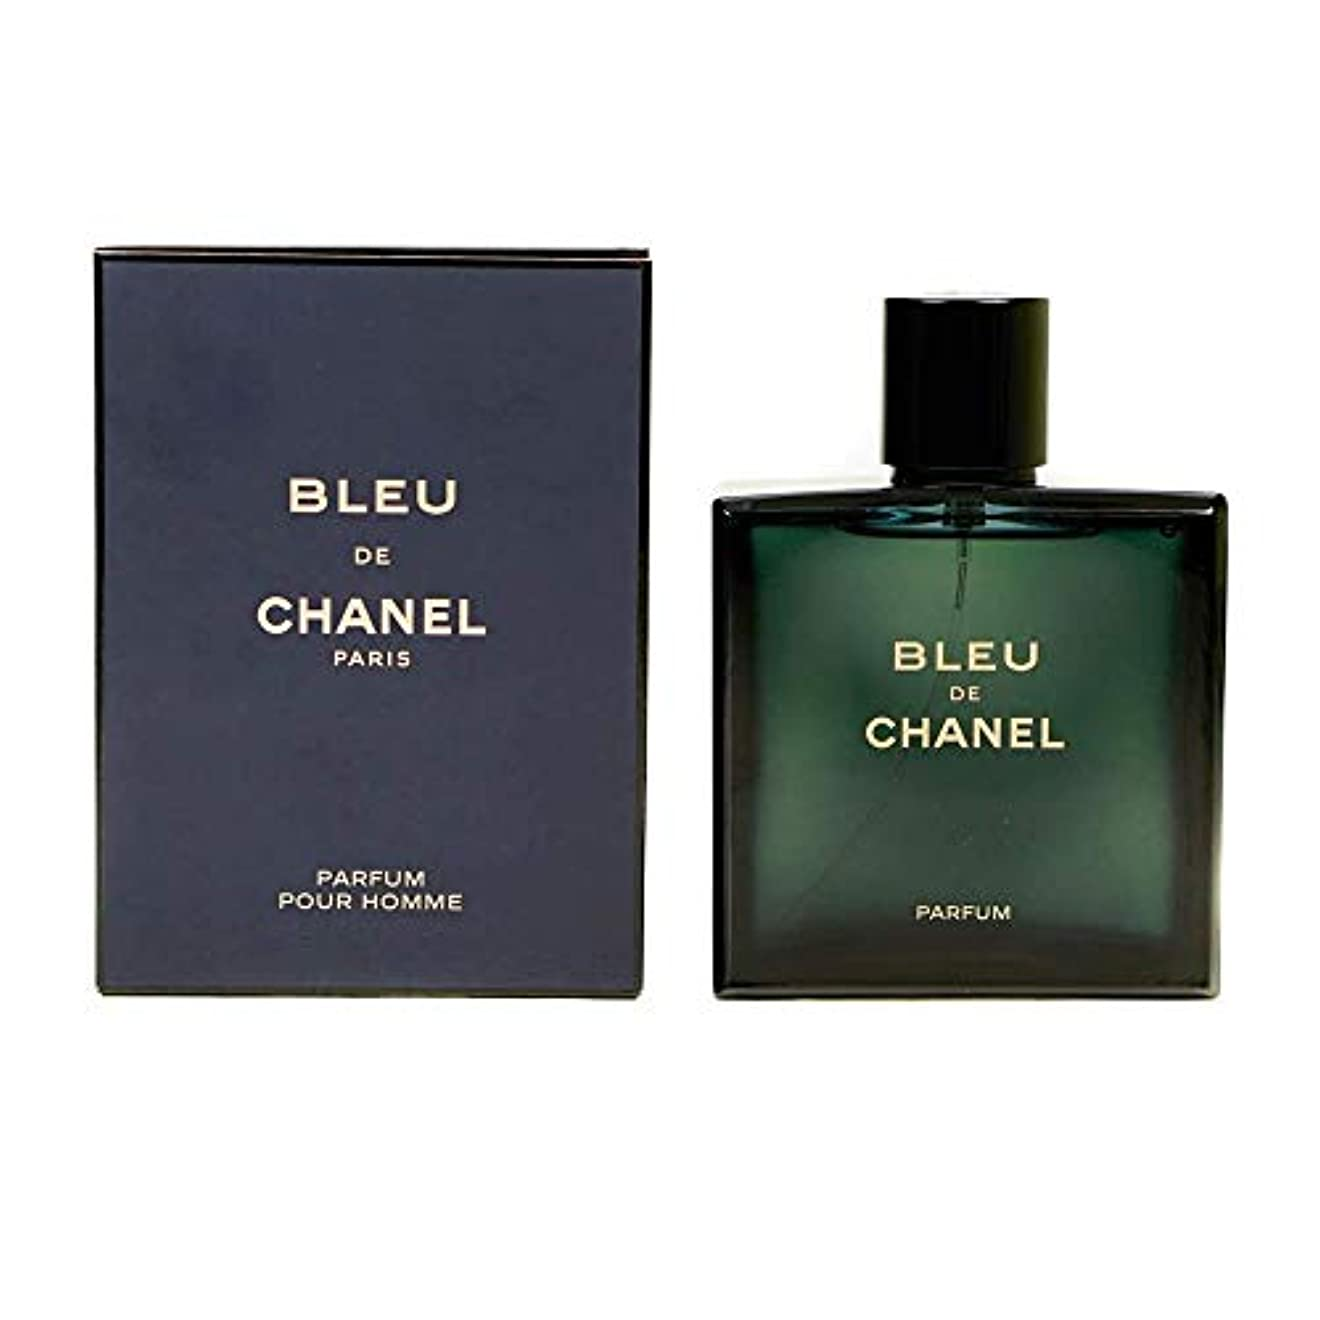 なめる廃止北米シャネル CHANEL ブルー ドゥ シャネル パルファム 〔Parfum〕 100ml Pfm SP fs